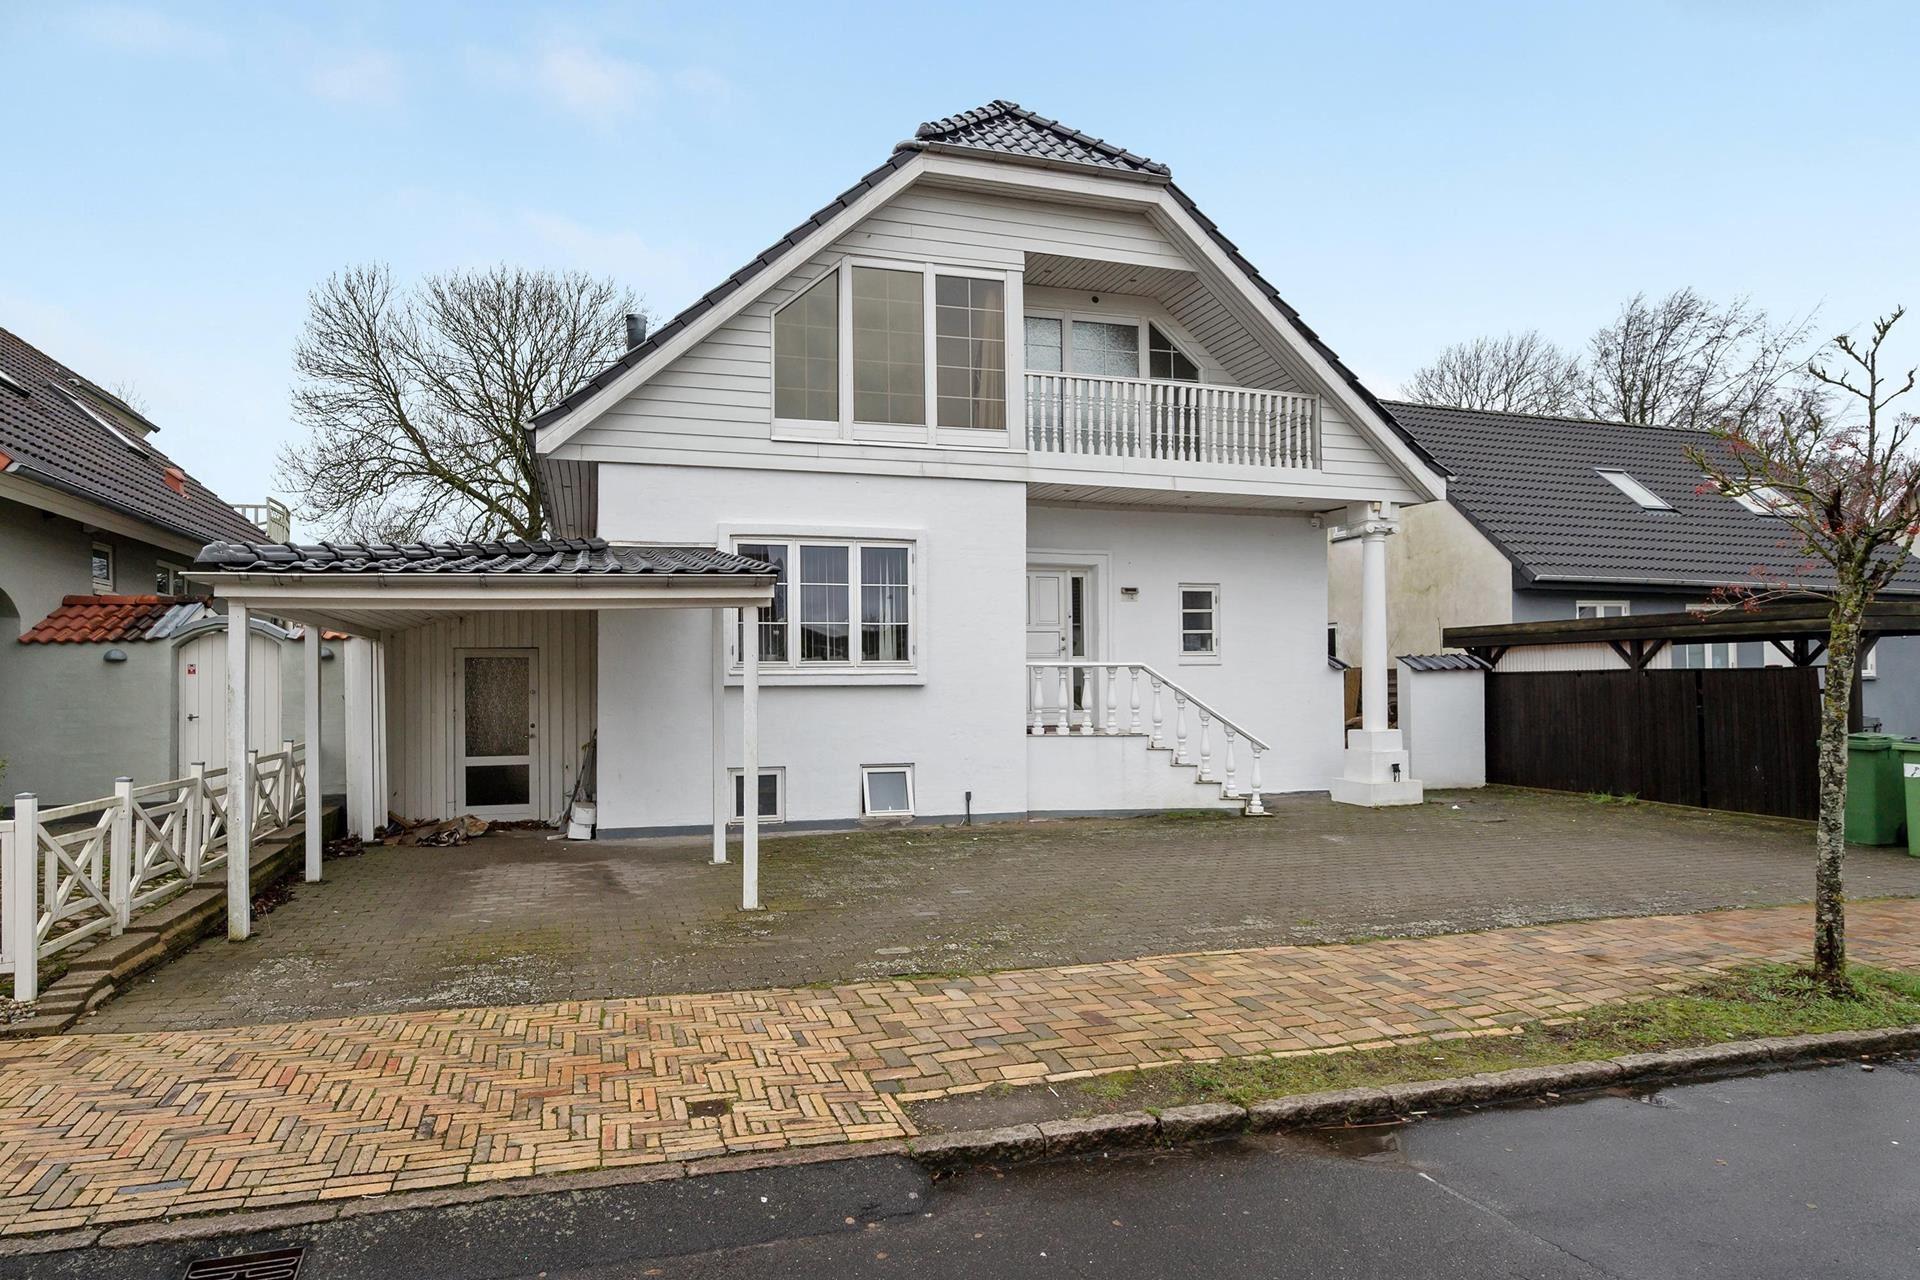 Hejrevej 12, 5000 Odense C